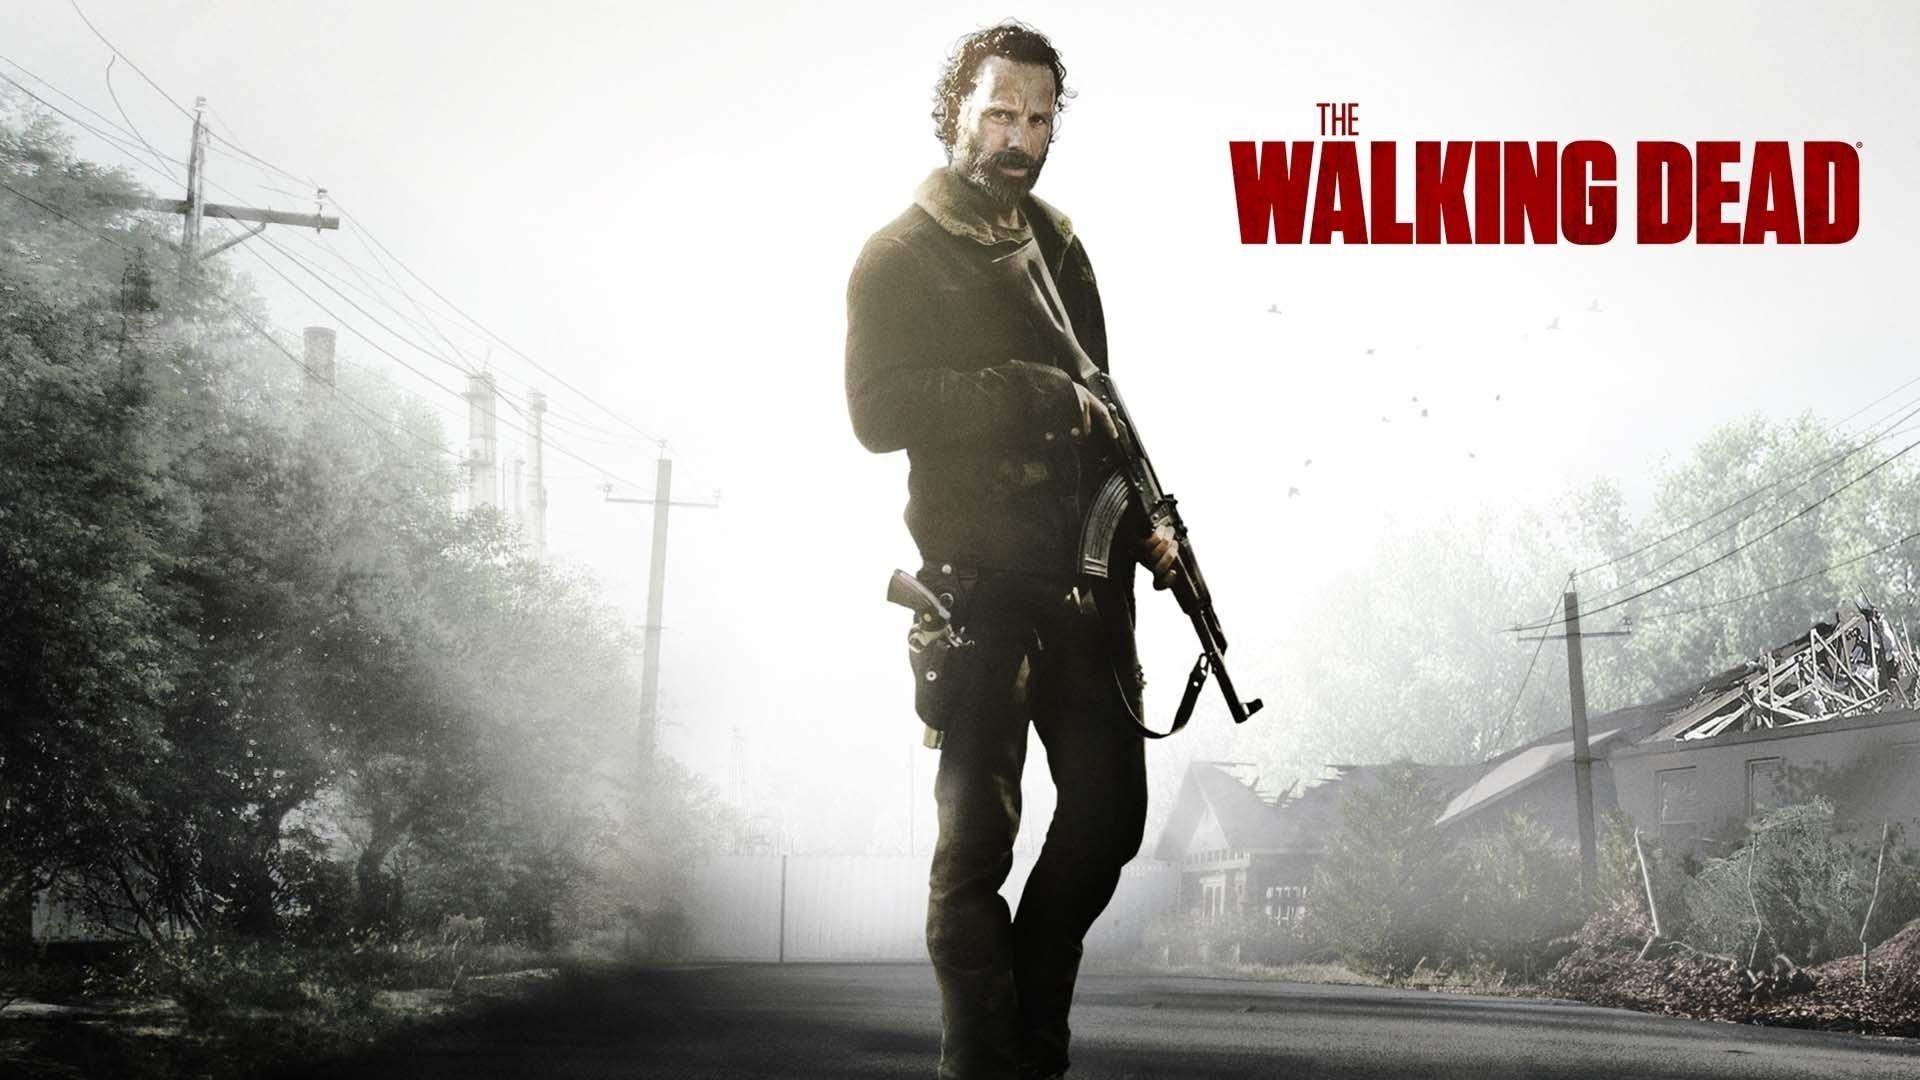 The Walking Dead windows background